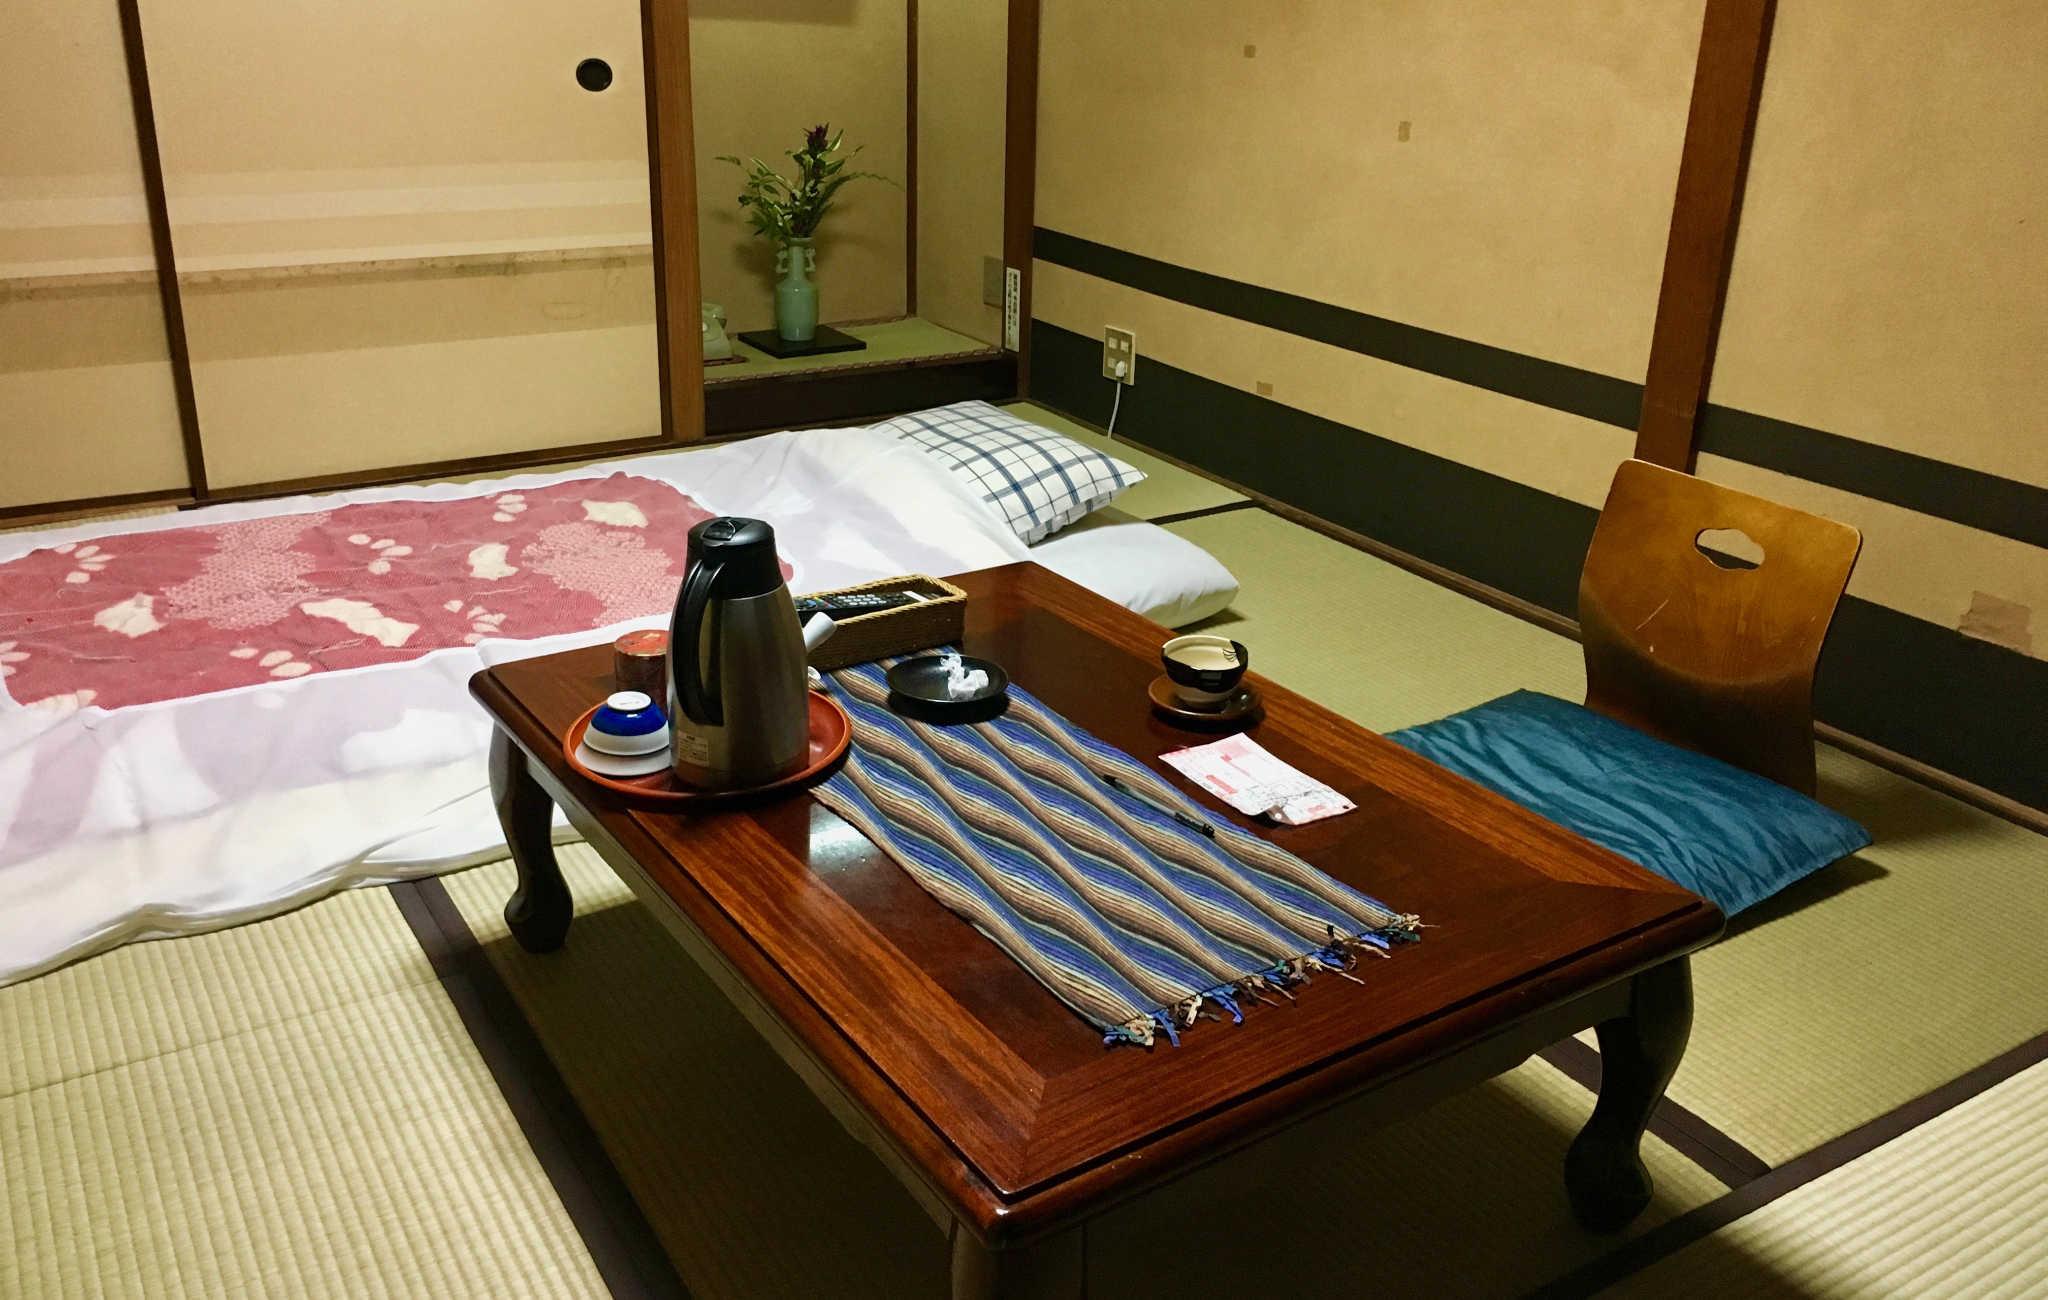 Une chambre à la décoration sobre dans un petit ryokan familial